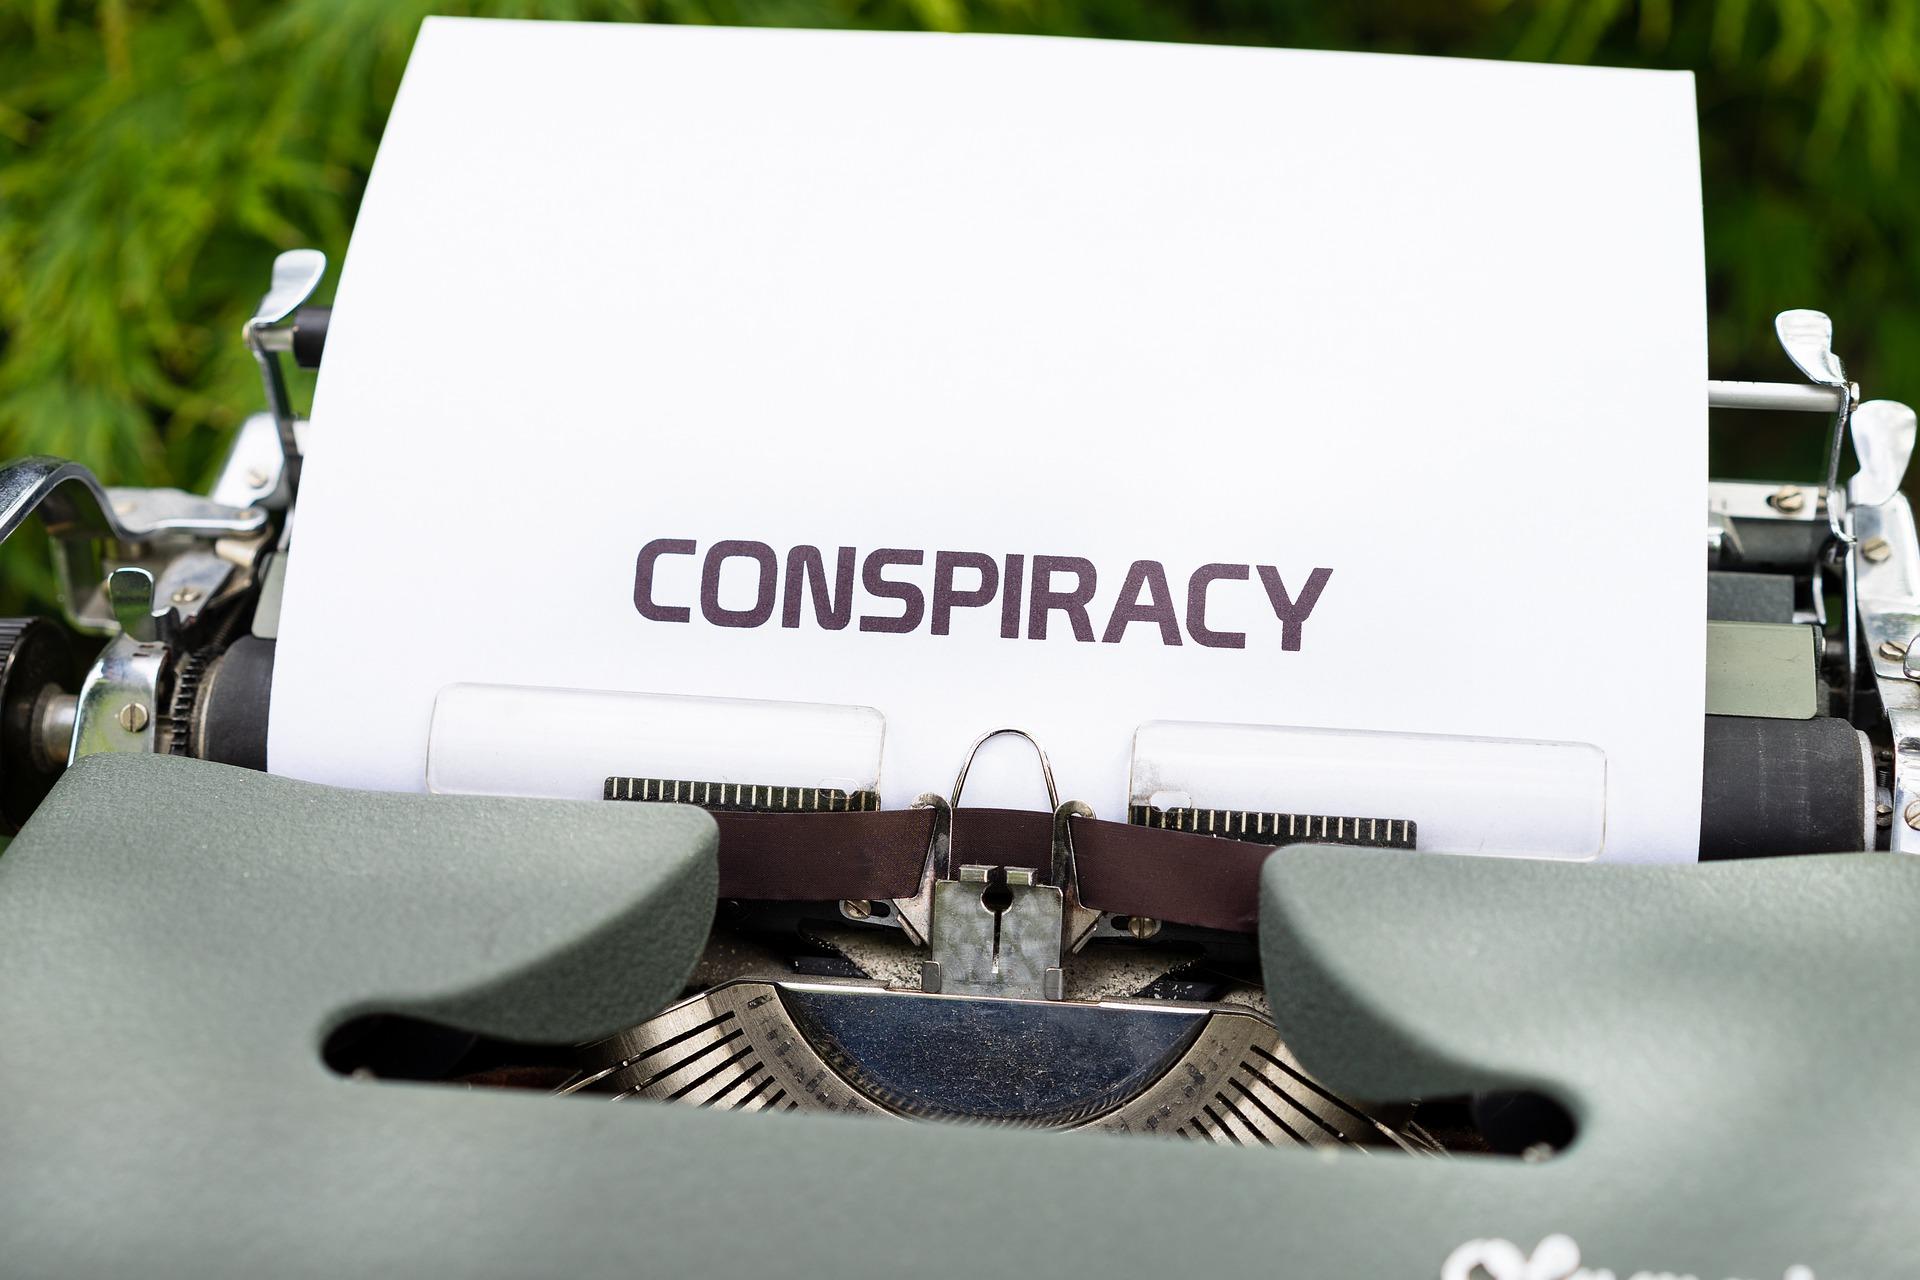 De ce credem în teorii conspiraționiste?